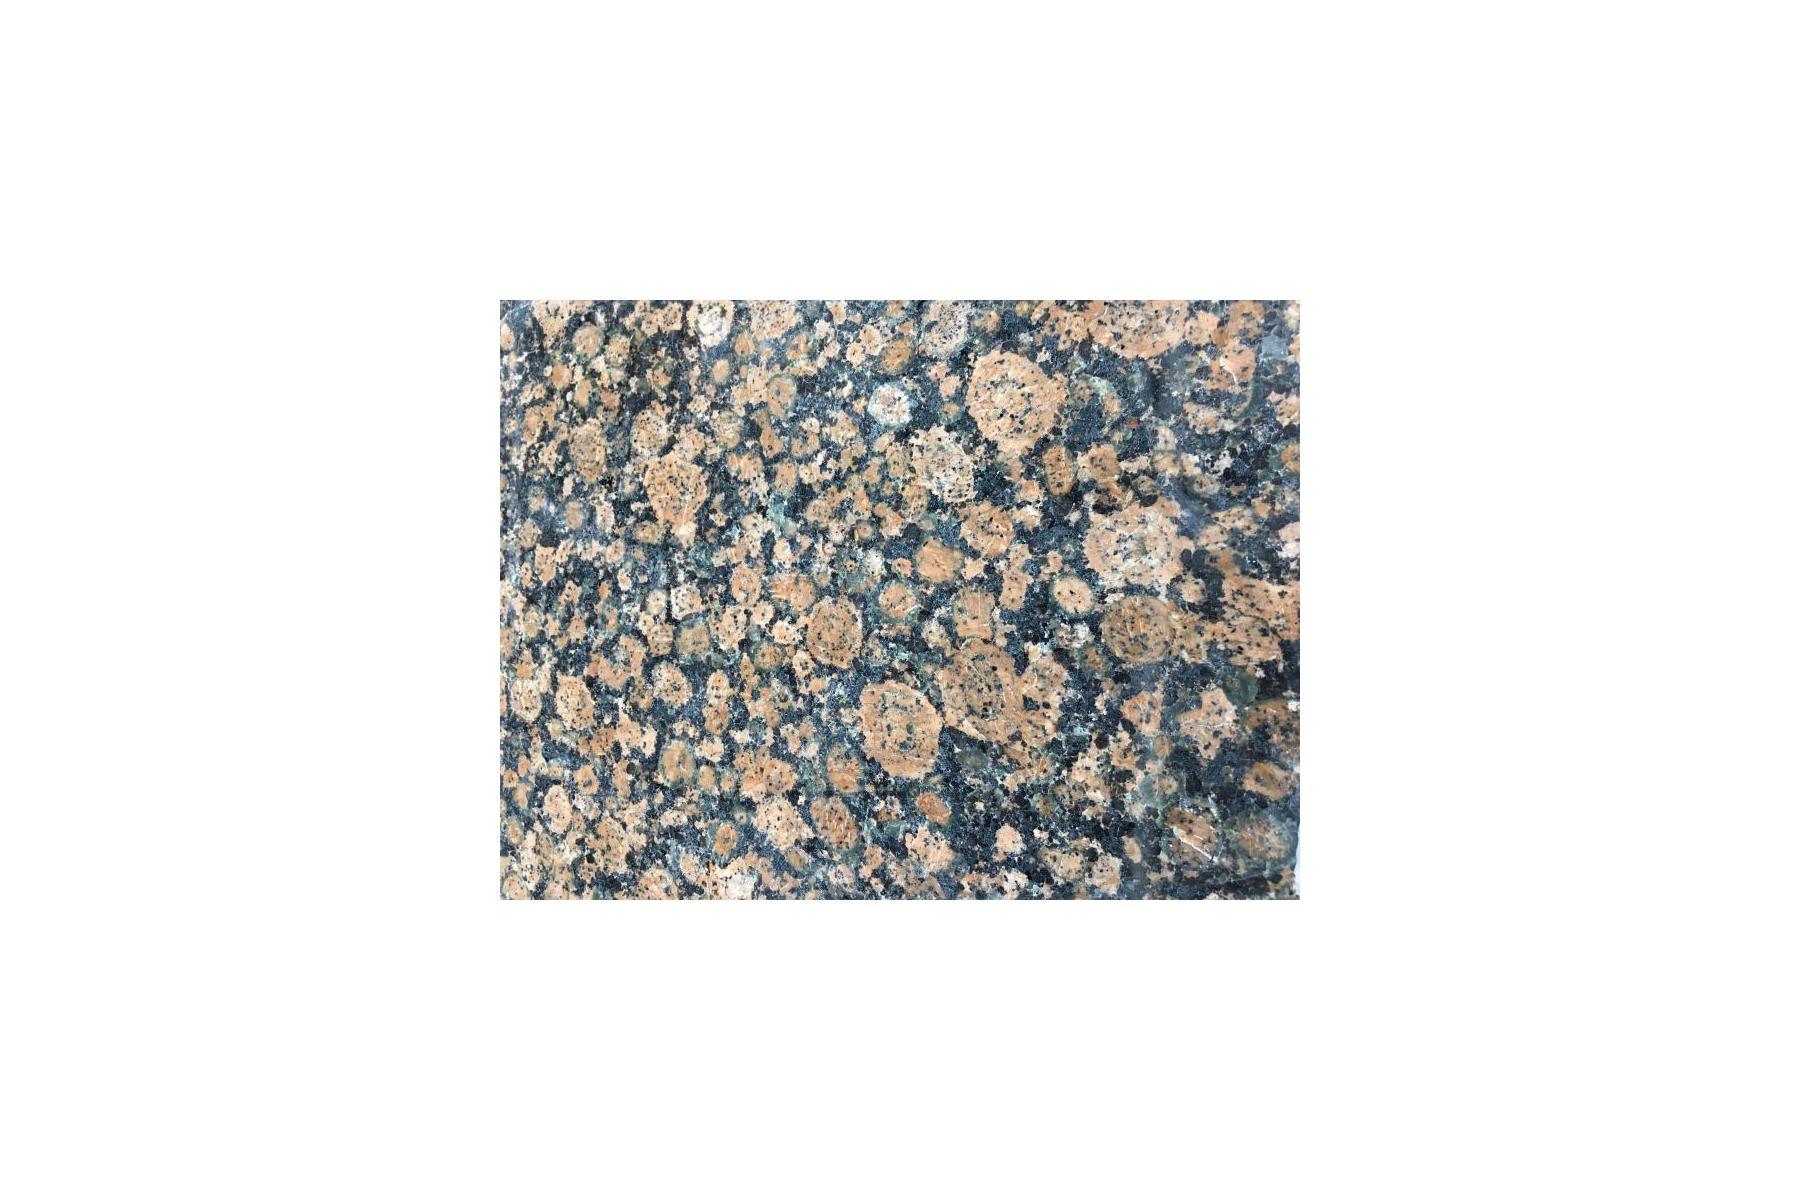 专业幕墙供应商,英国棕、蓝宝石、金钻麻、啡钻、红钻、木玛丽